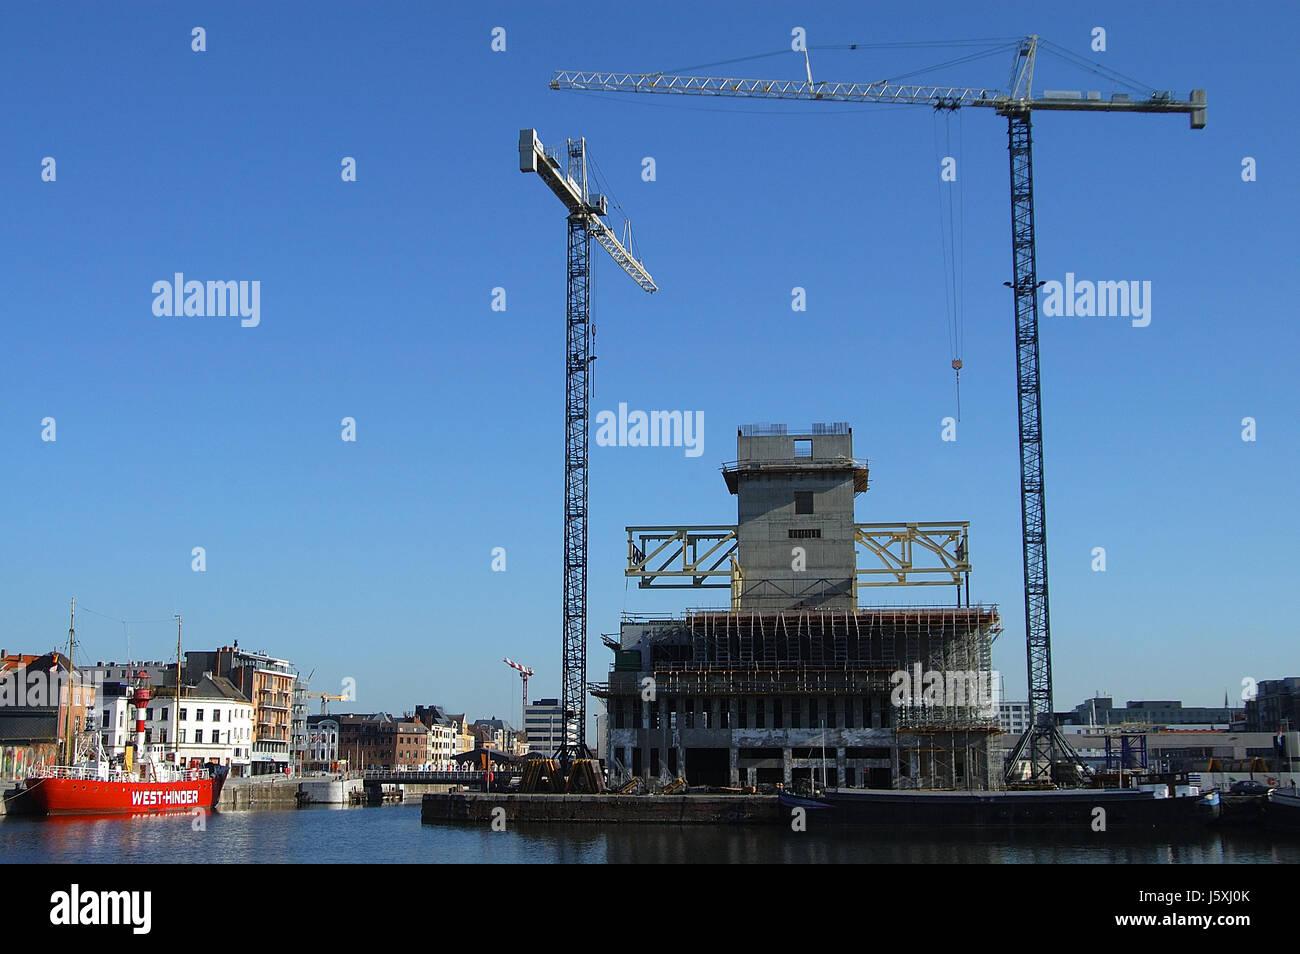 Grue de construction waterfront Anvers grand site en construction bateau à voile voilier Banque D'Images